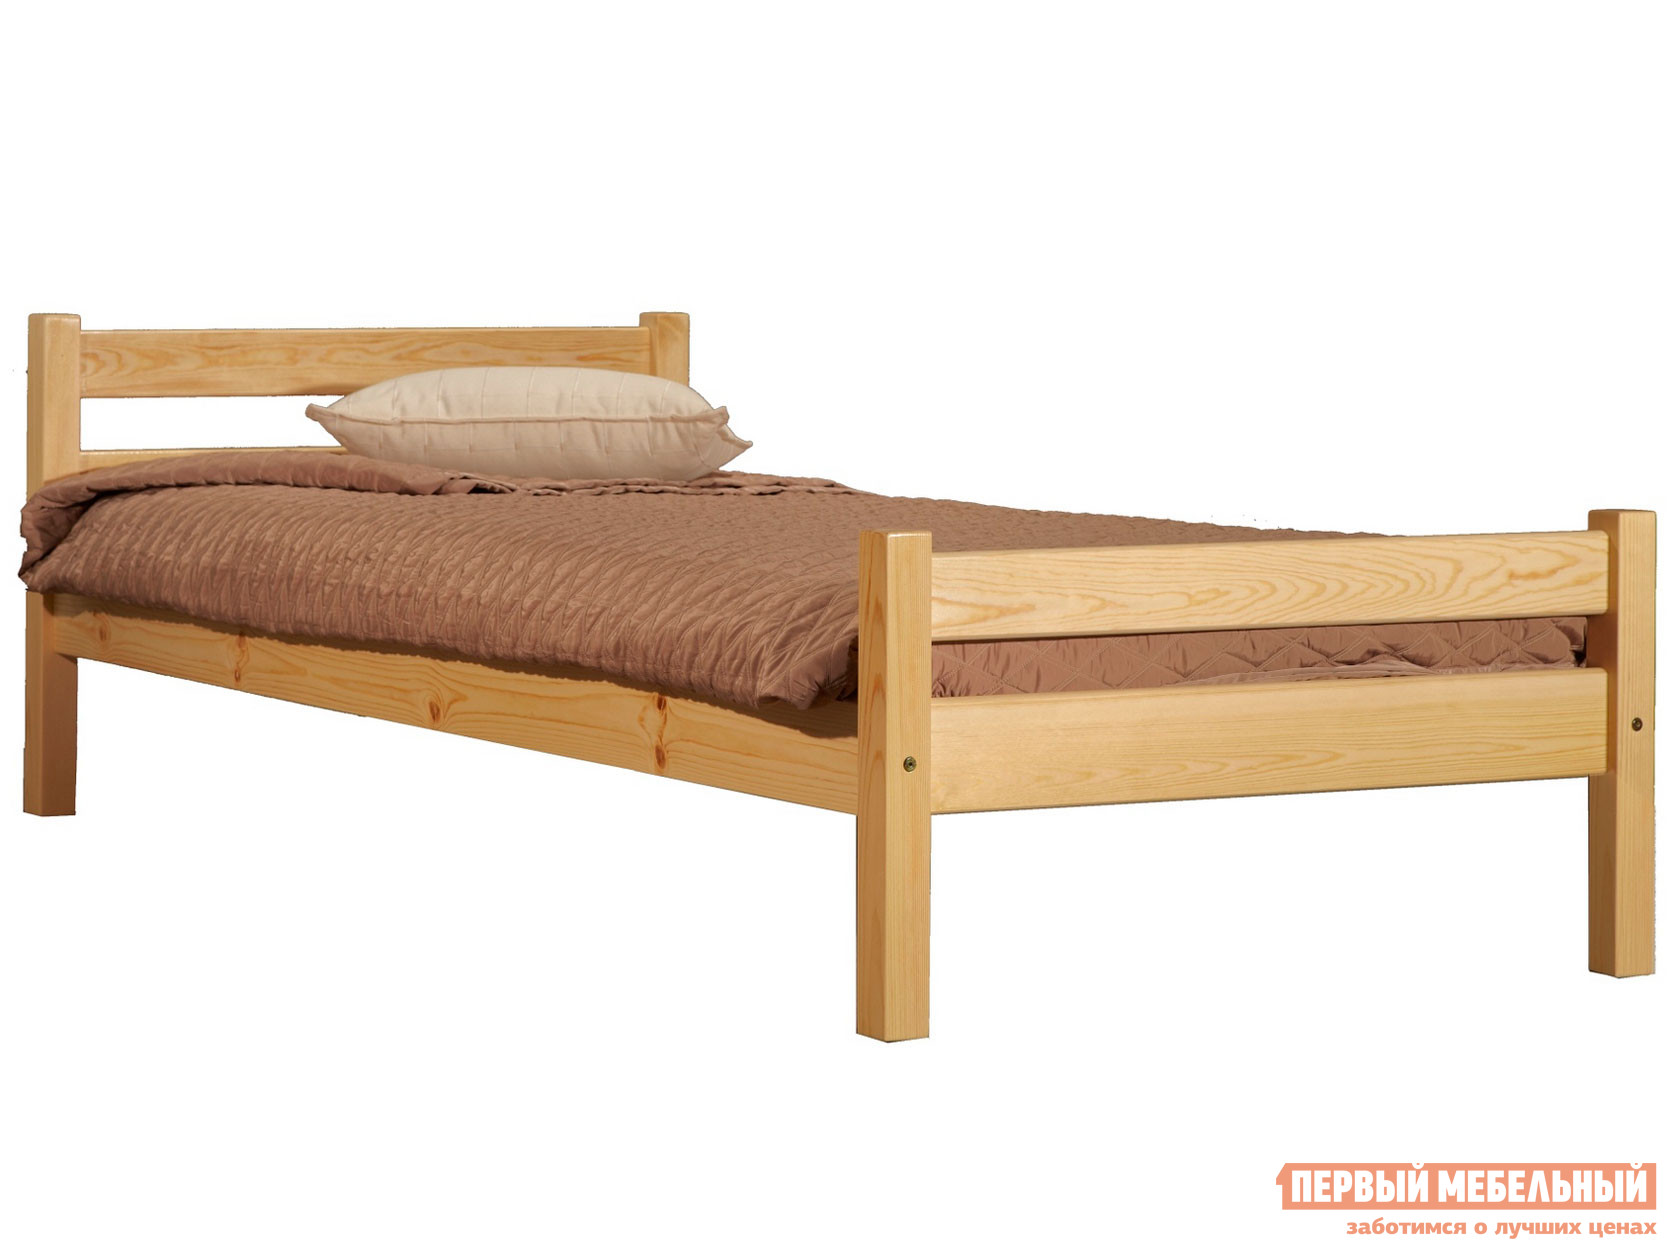 Односпальная кровать Timberica Кровать Классик кровать полуторка timberica эрика